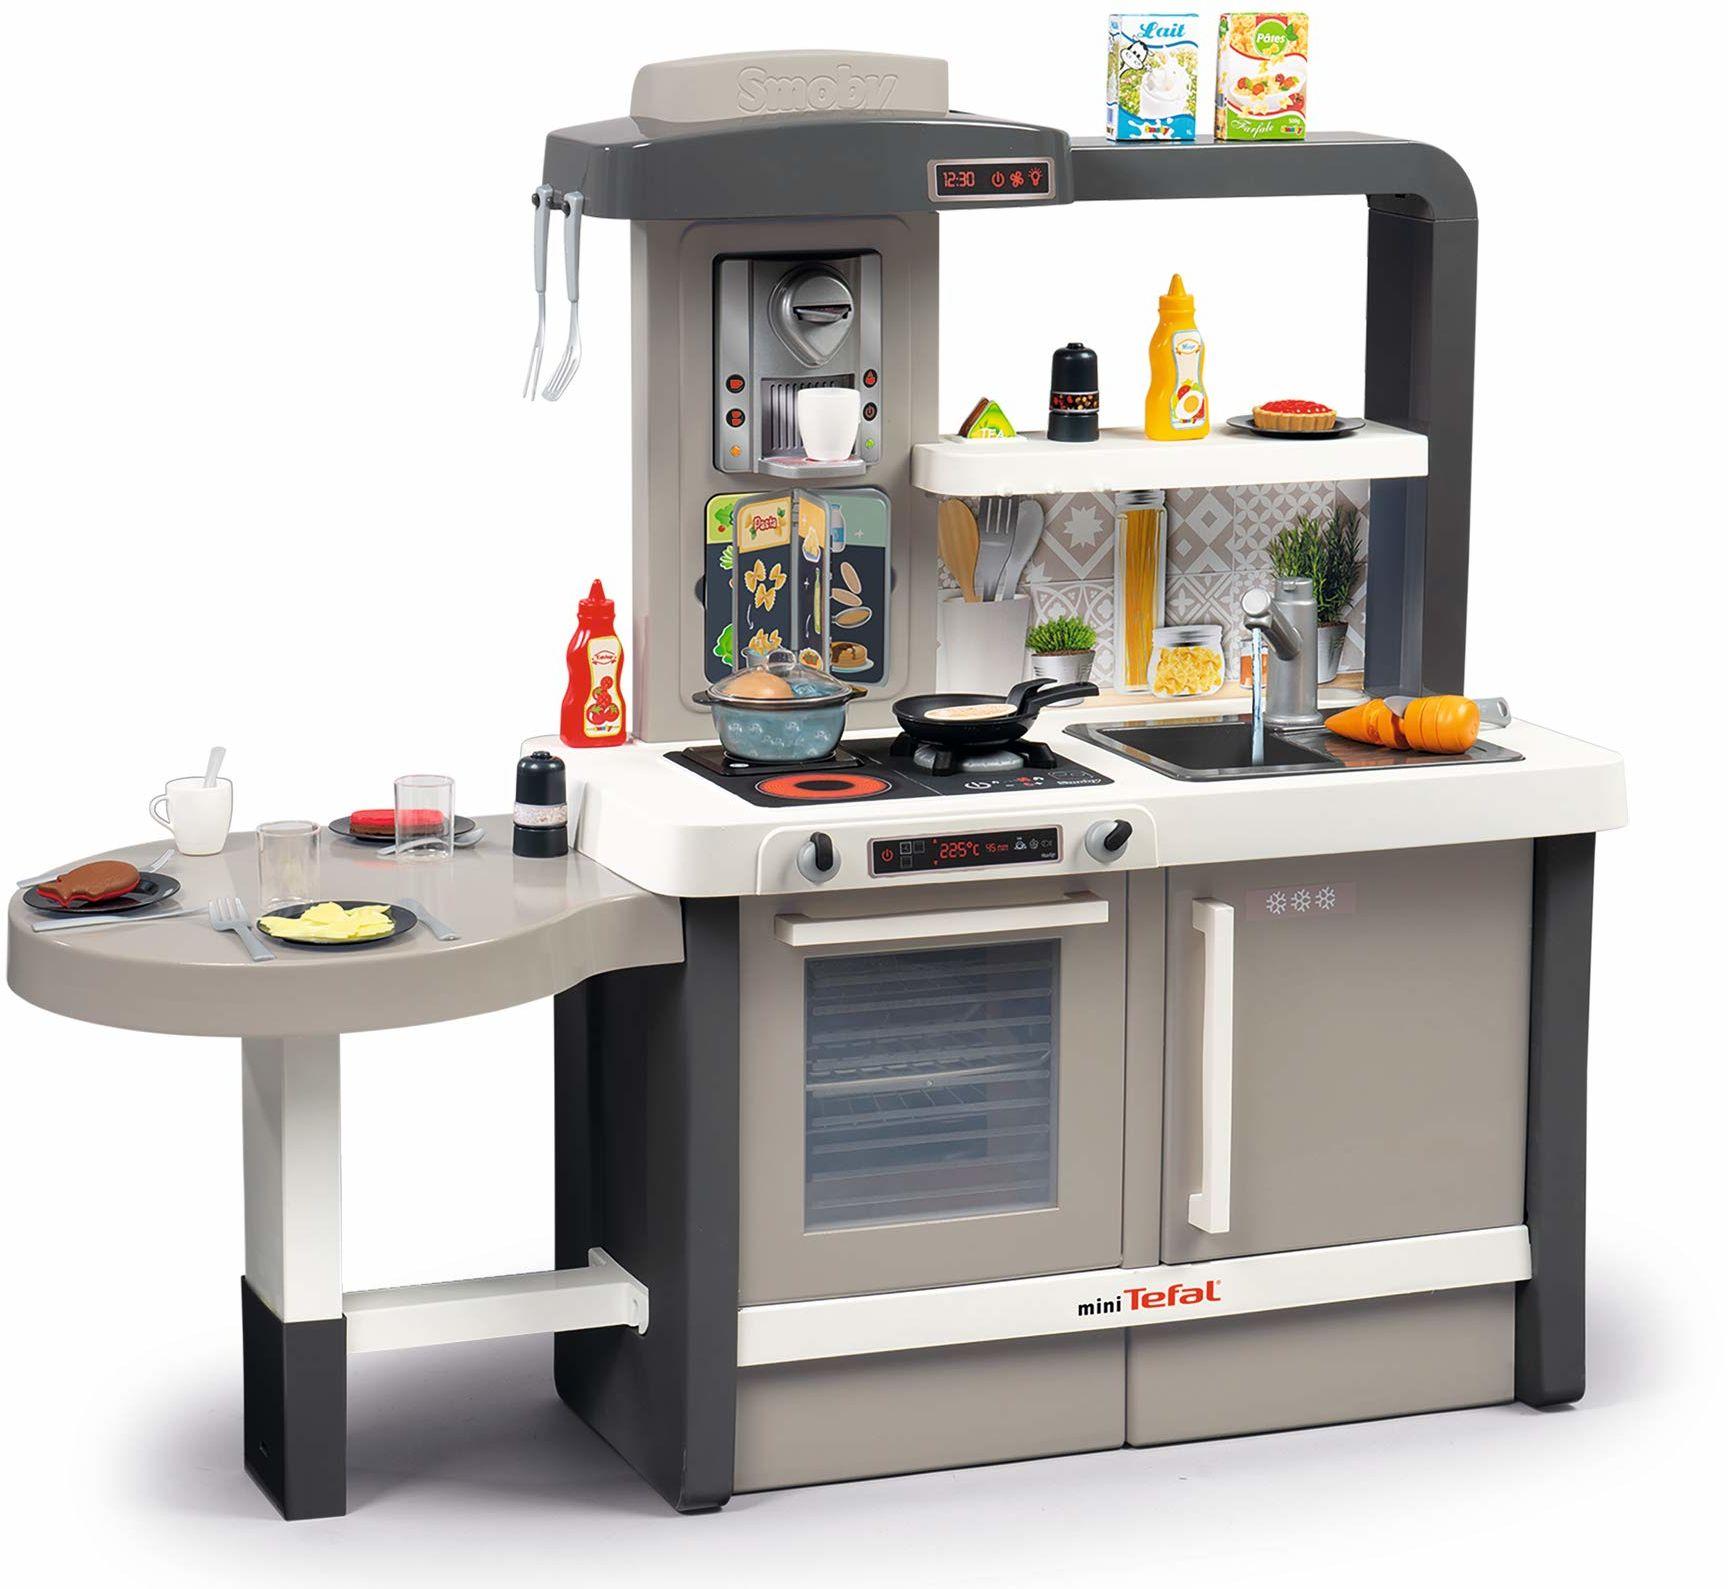 Smoby 312300 szary tefal 40 szt. duża kuchnia do zabawy fajne funkcje, takie jak funkcja magicznego gotowania Wiek 3